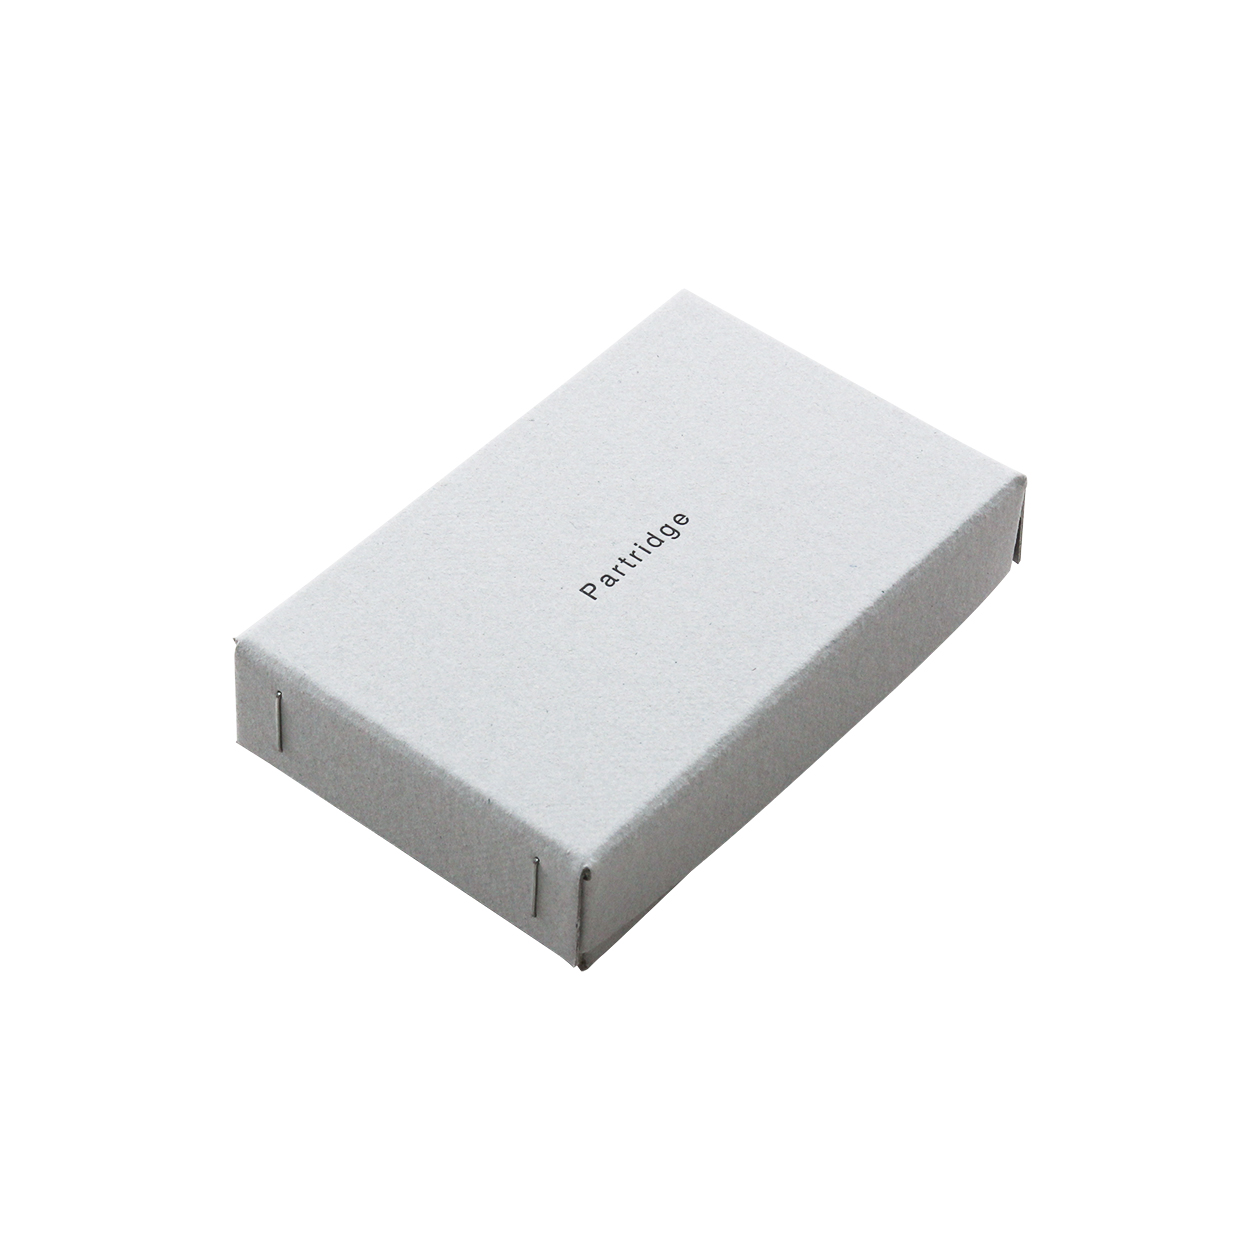 サンプル 箱(ホッチキスどめ) 00030